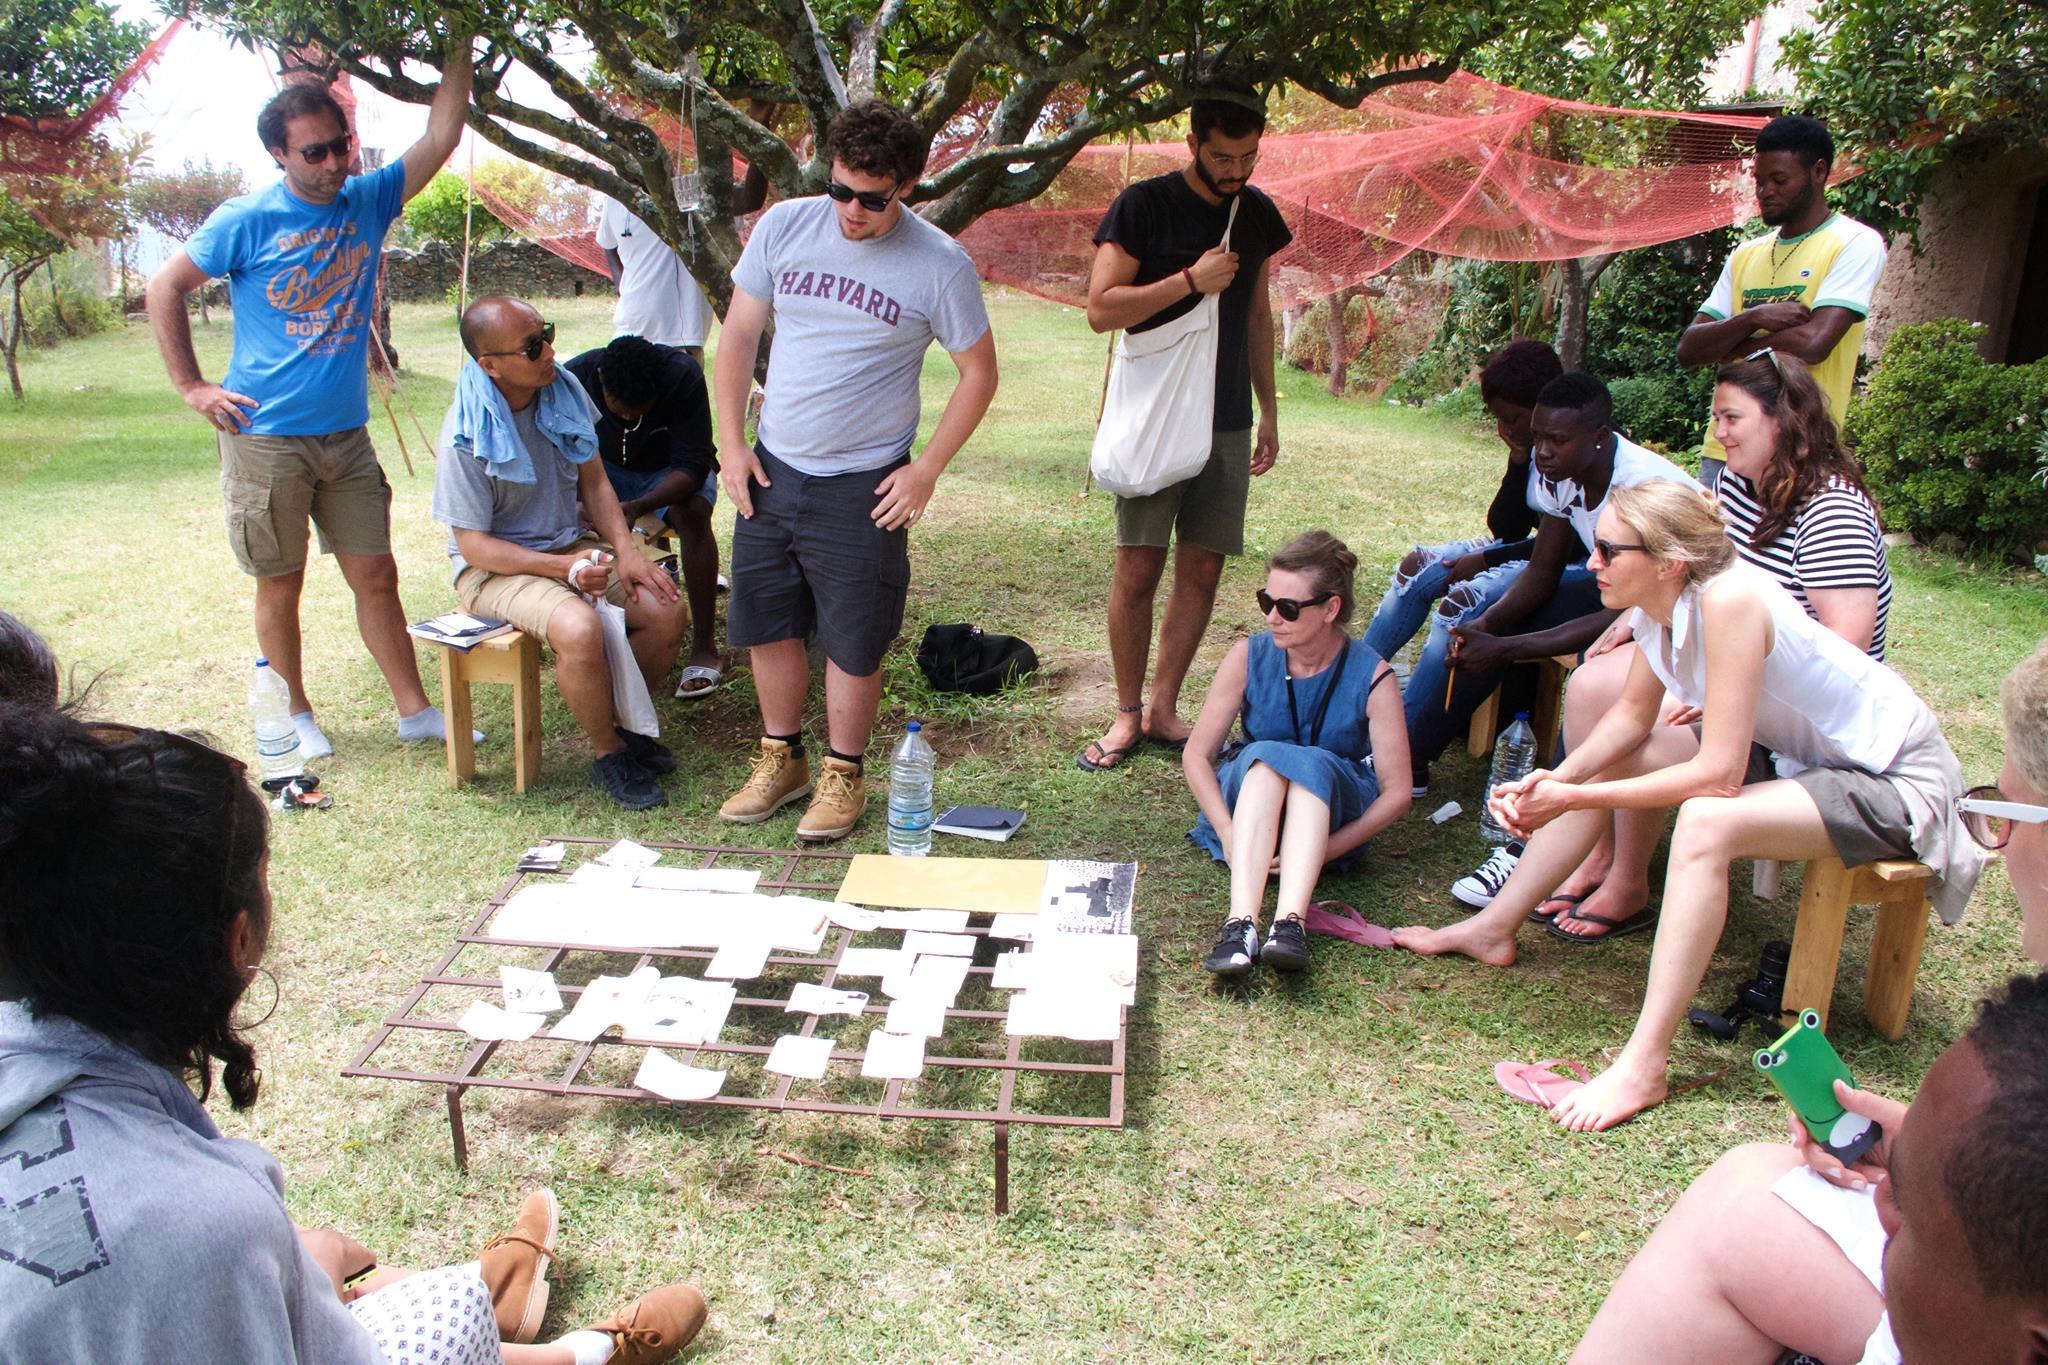 Discussione di gruppo attorno a disegni